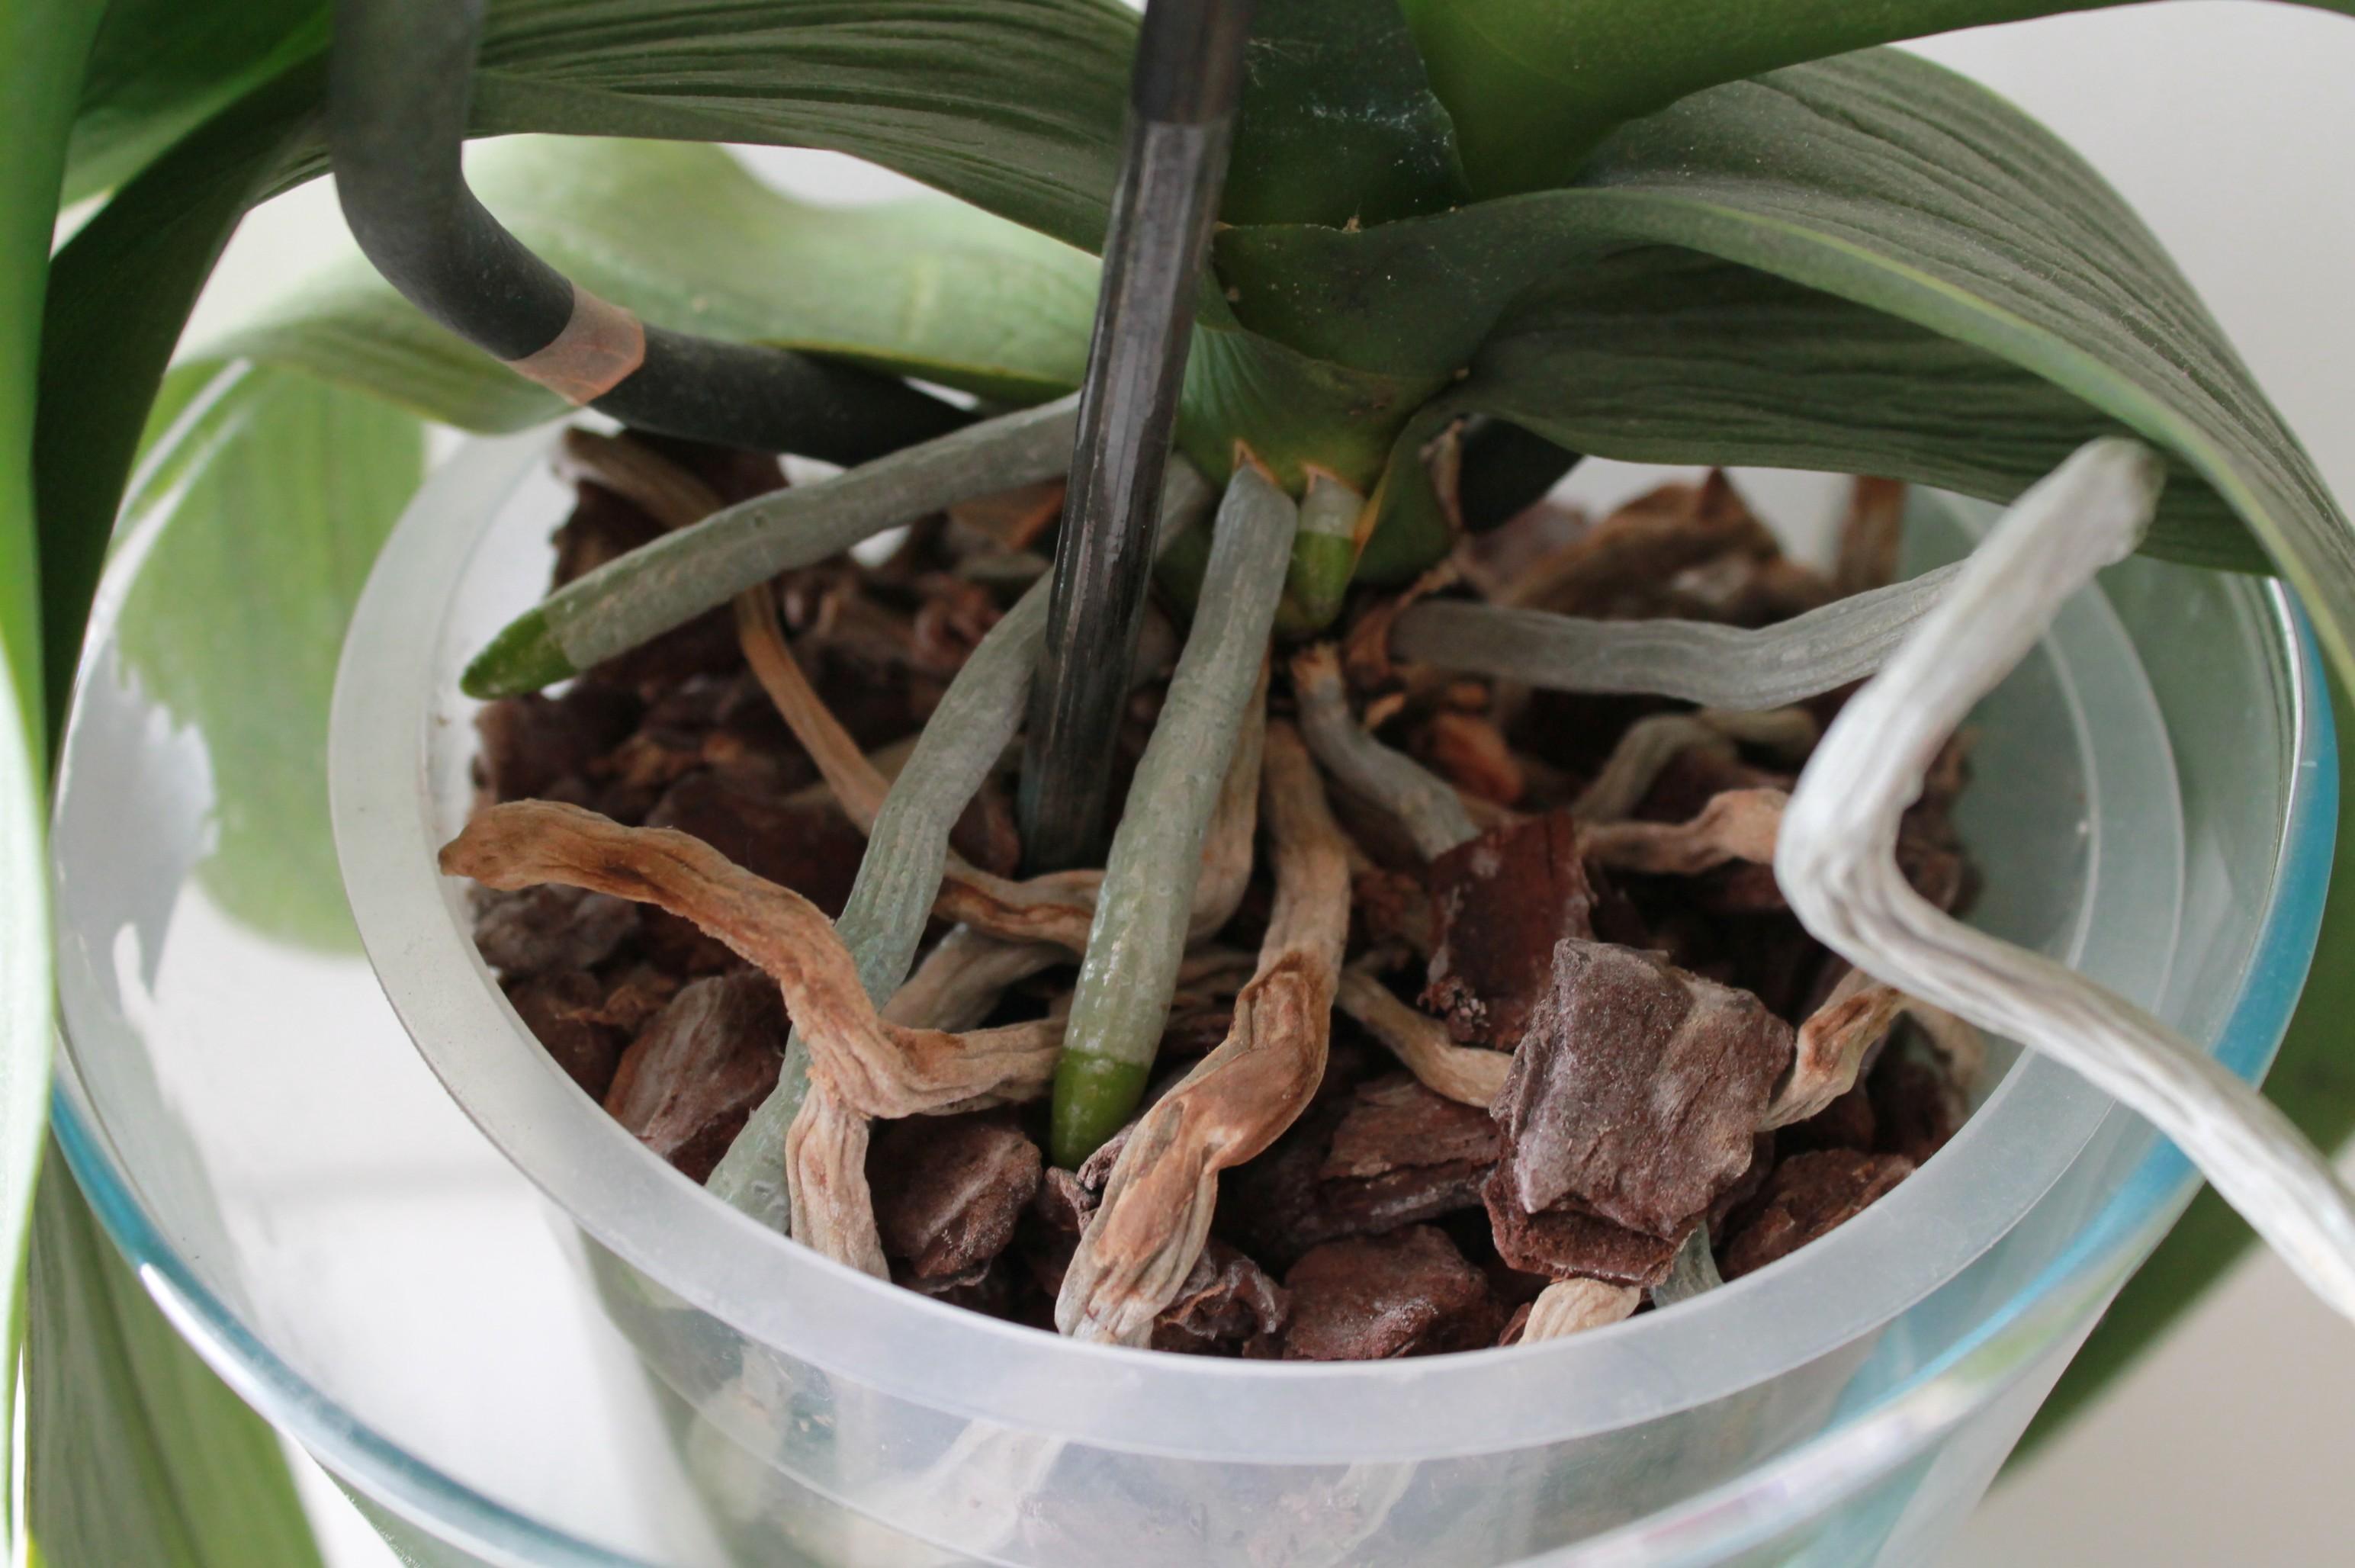 Etat général de mes orchidées  QJQU8U